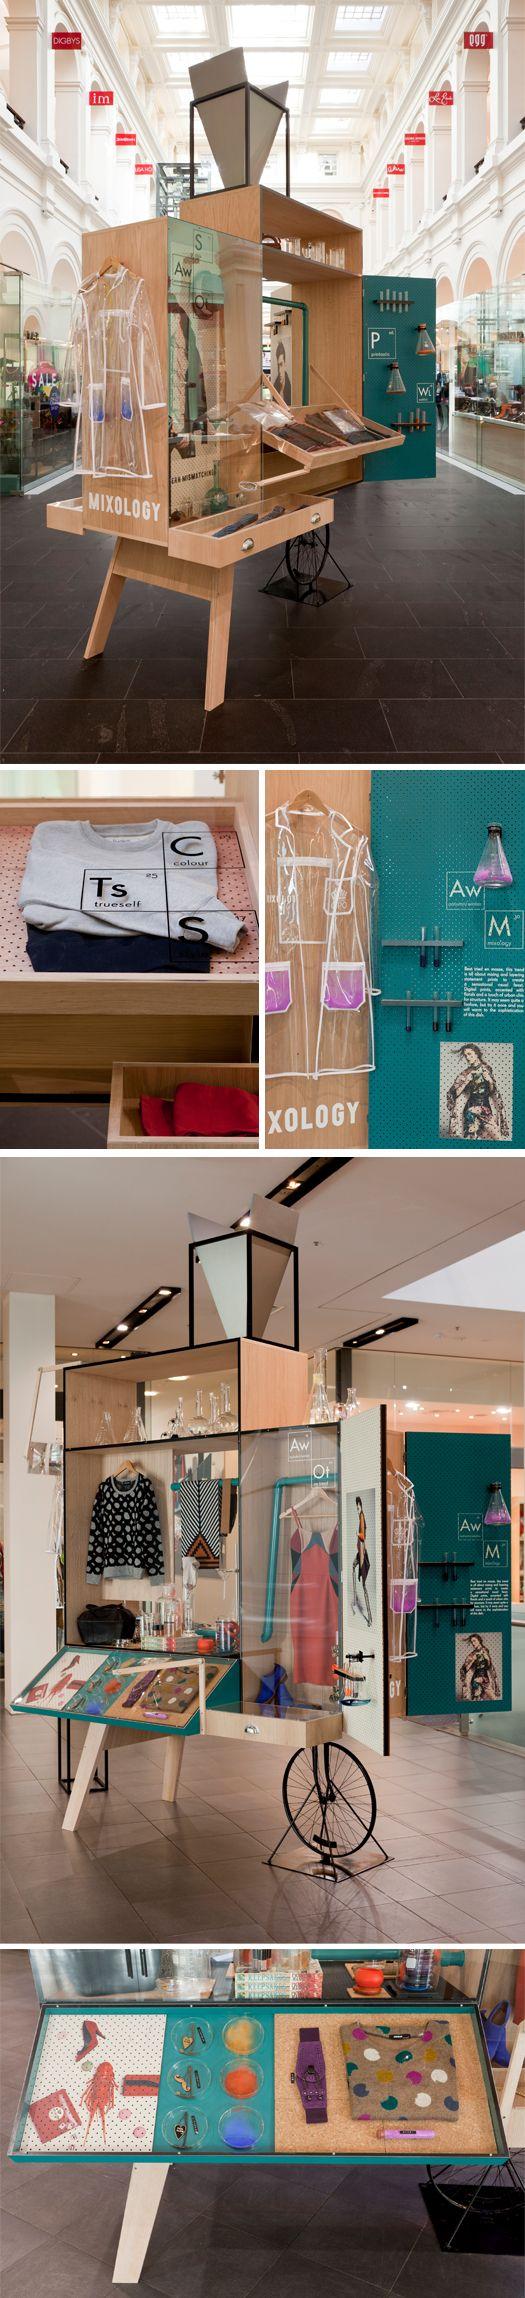 Pequeño pop up con escaparate tienda integrado